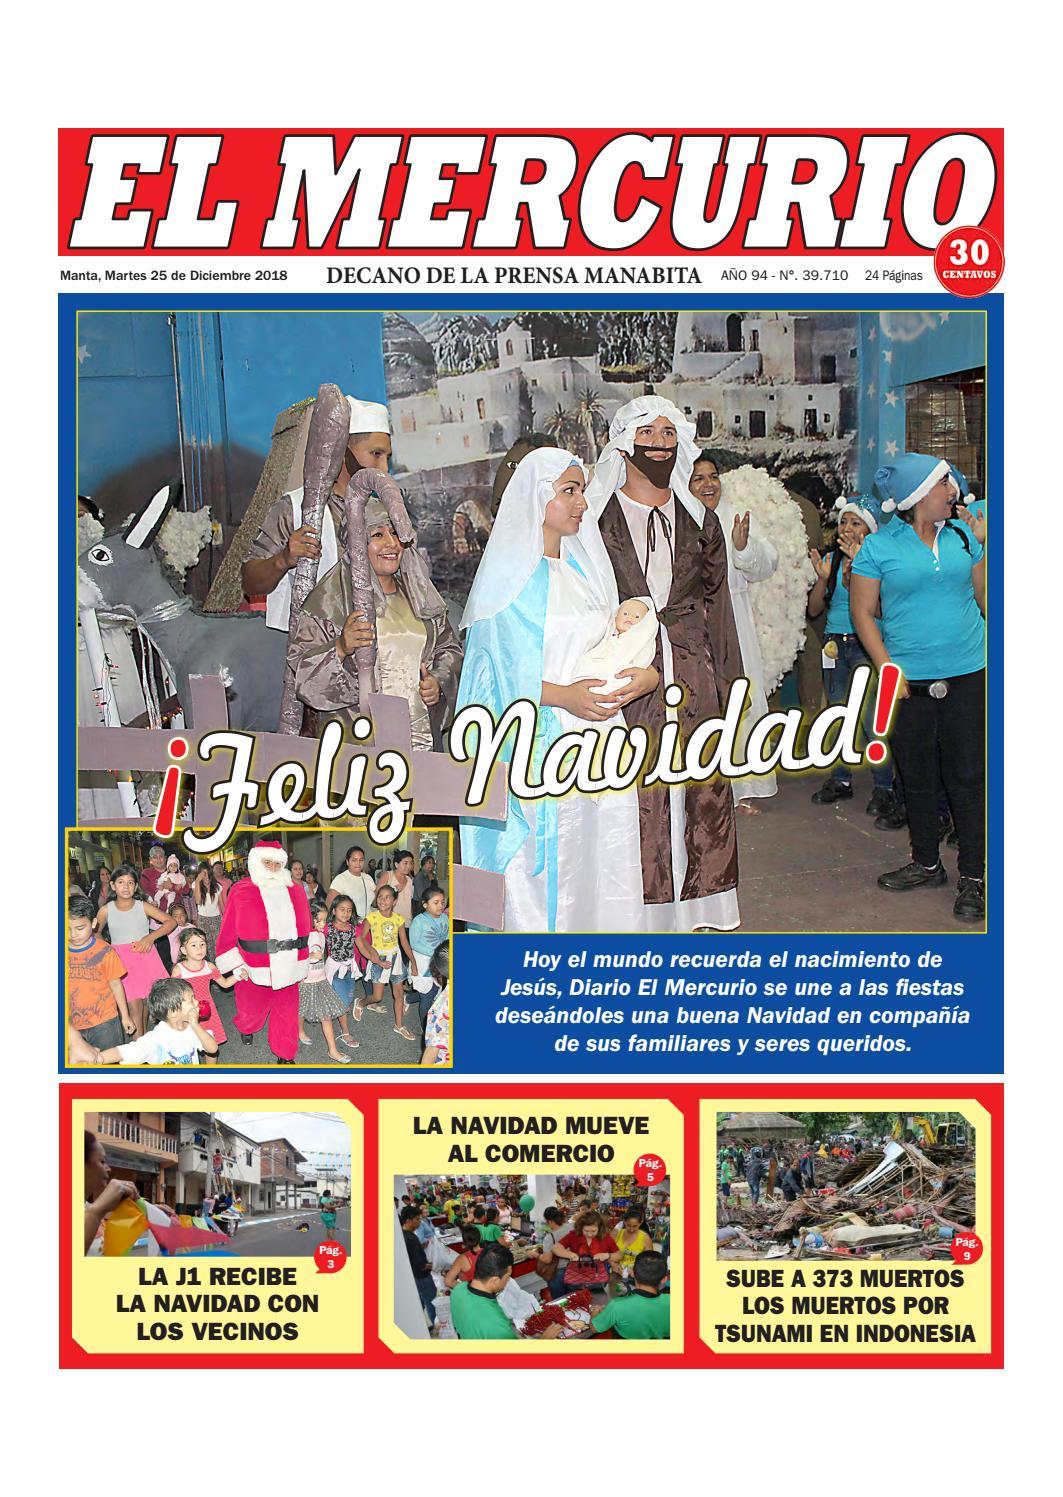 b09c5a2a5c38 MARTES 25 DE DICIEMBRE DE 2018 by Diario El mercurio - issuu